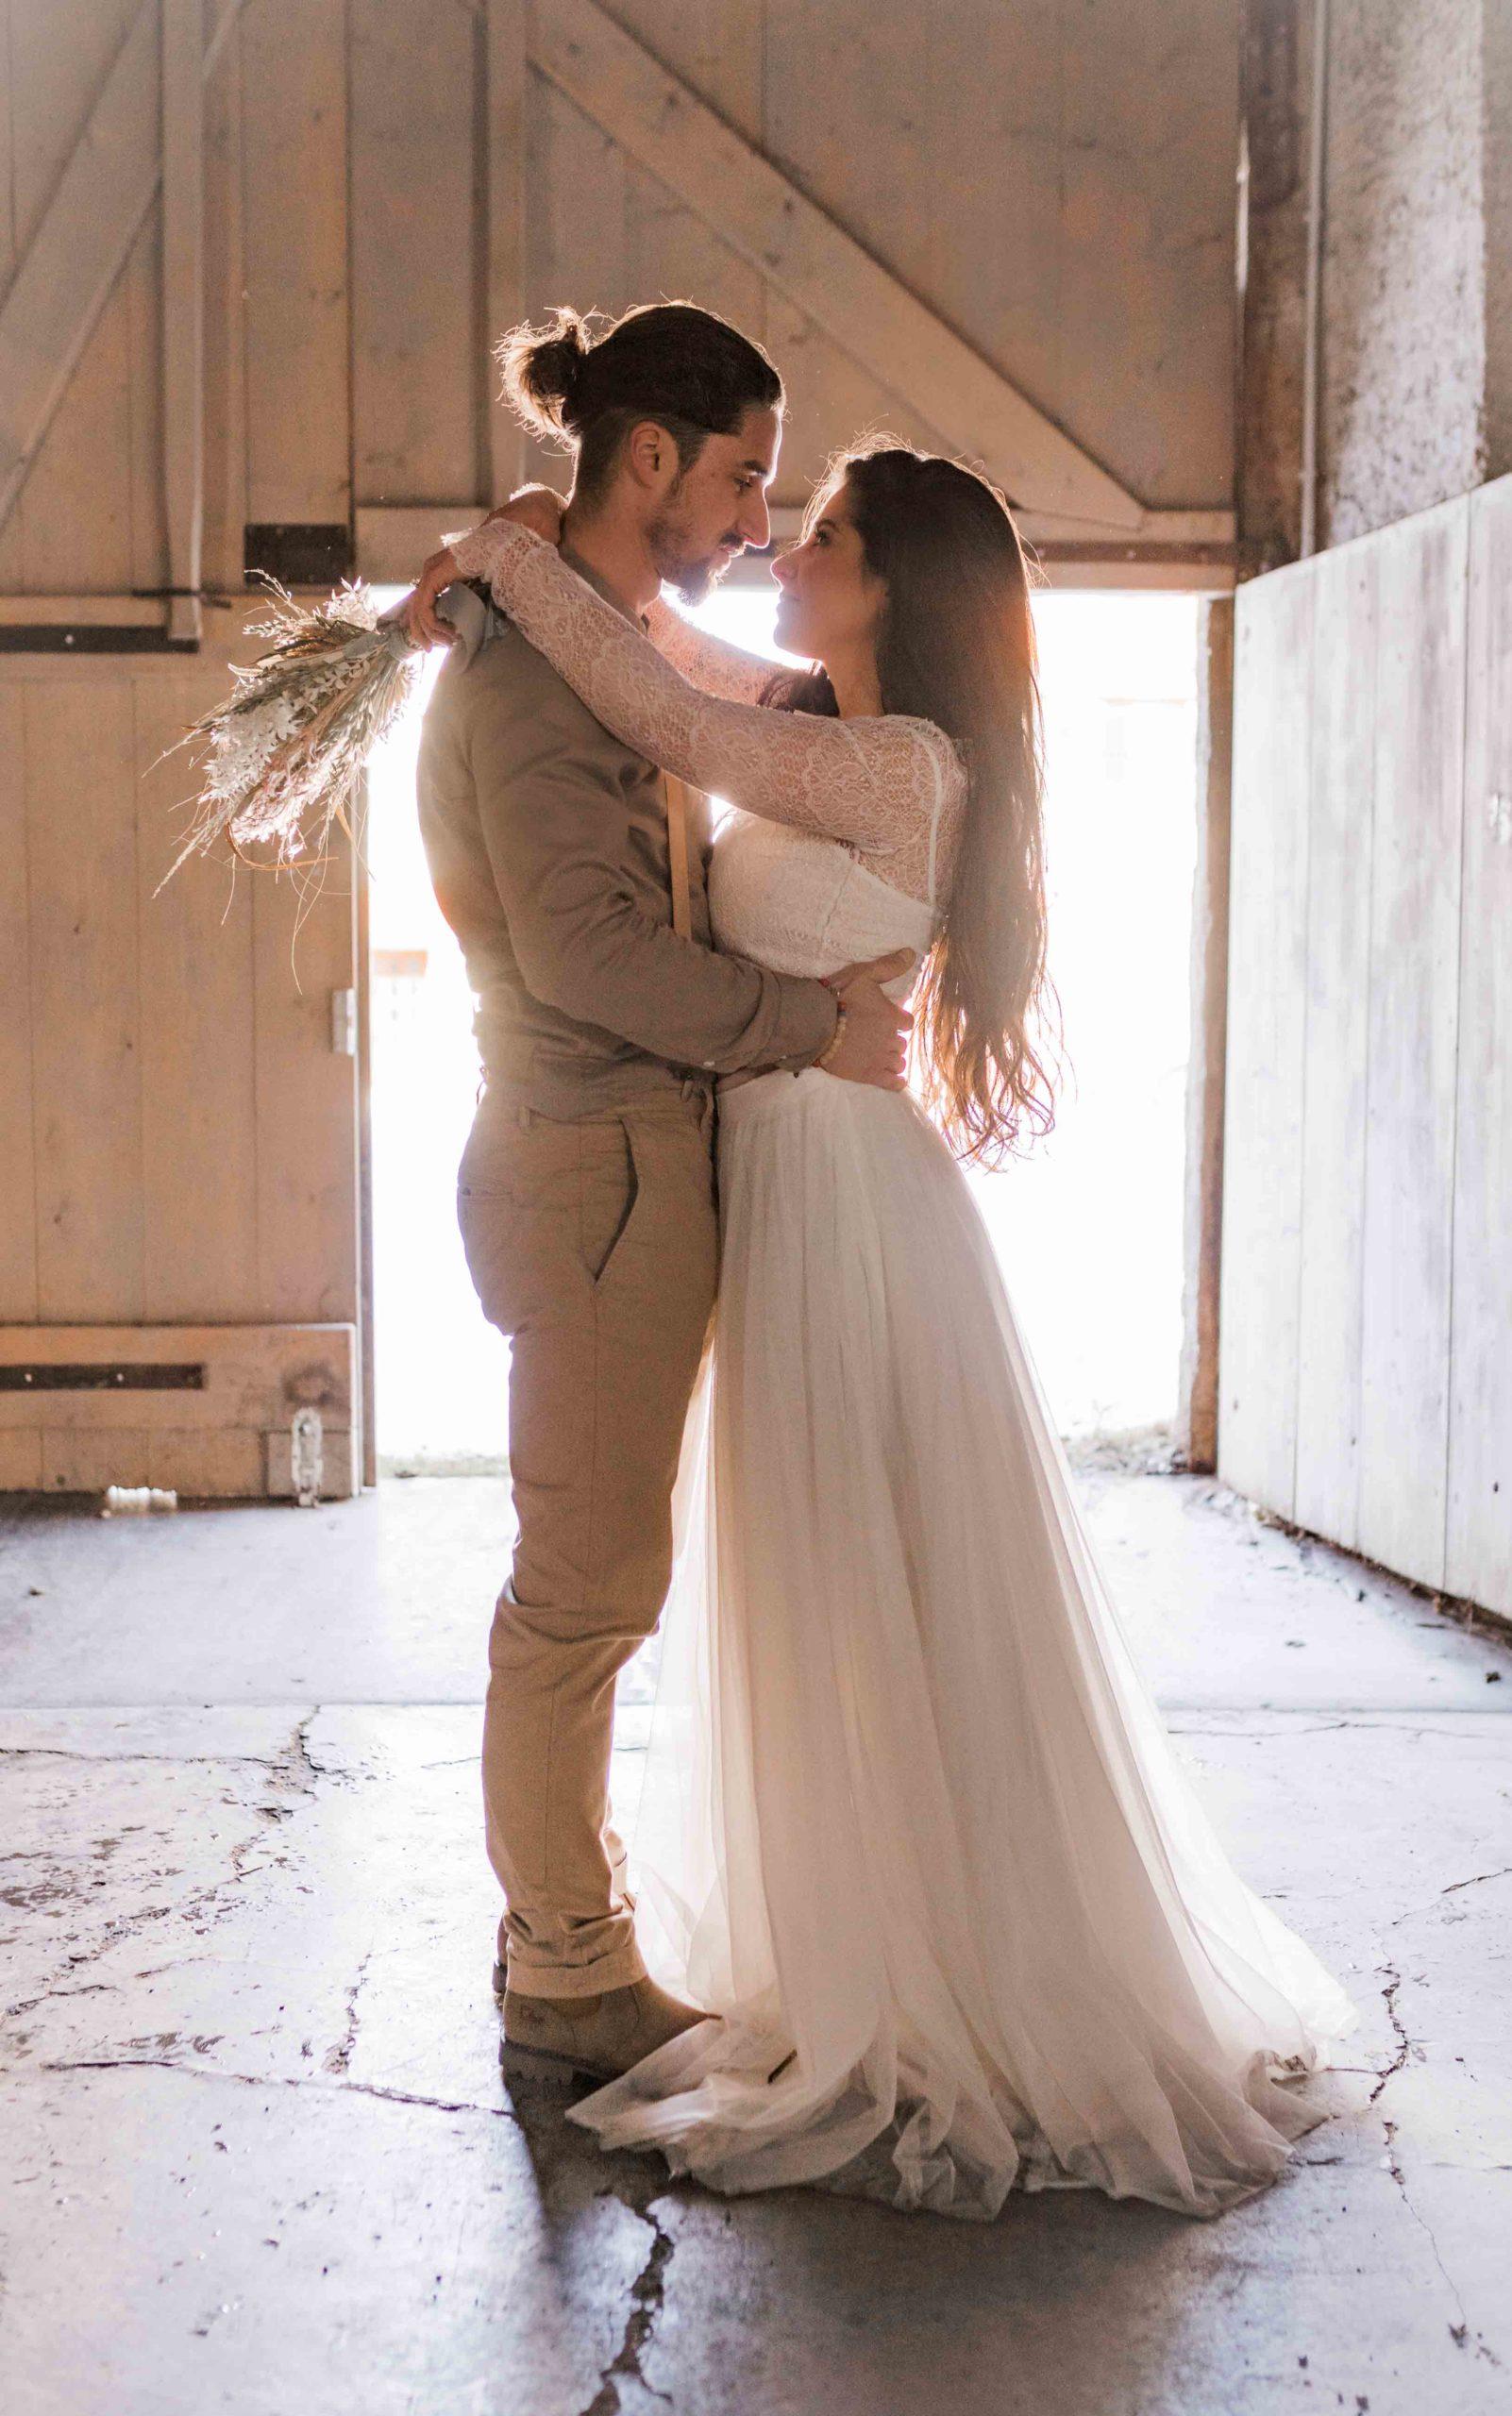 noni Brautmode, Styled Shoot, Model mit langem Kleid, Seitenasnsicht, Strauss haltend, Bräutigam umarmend